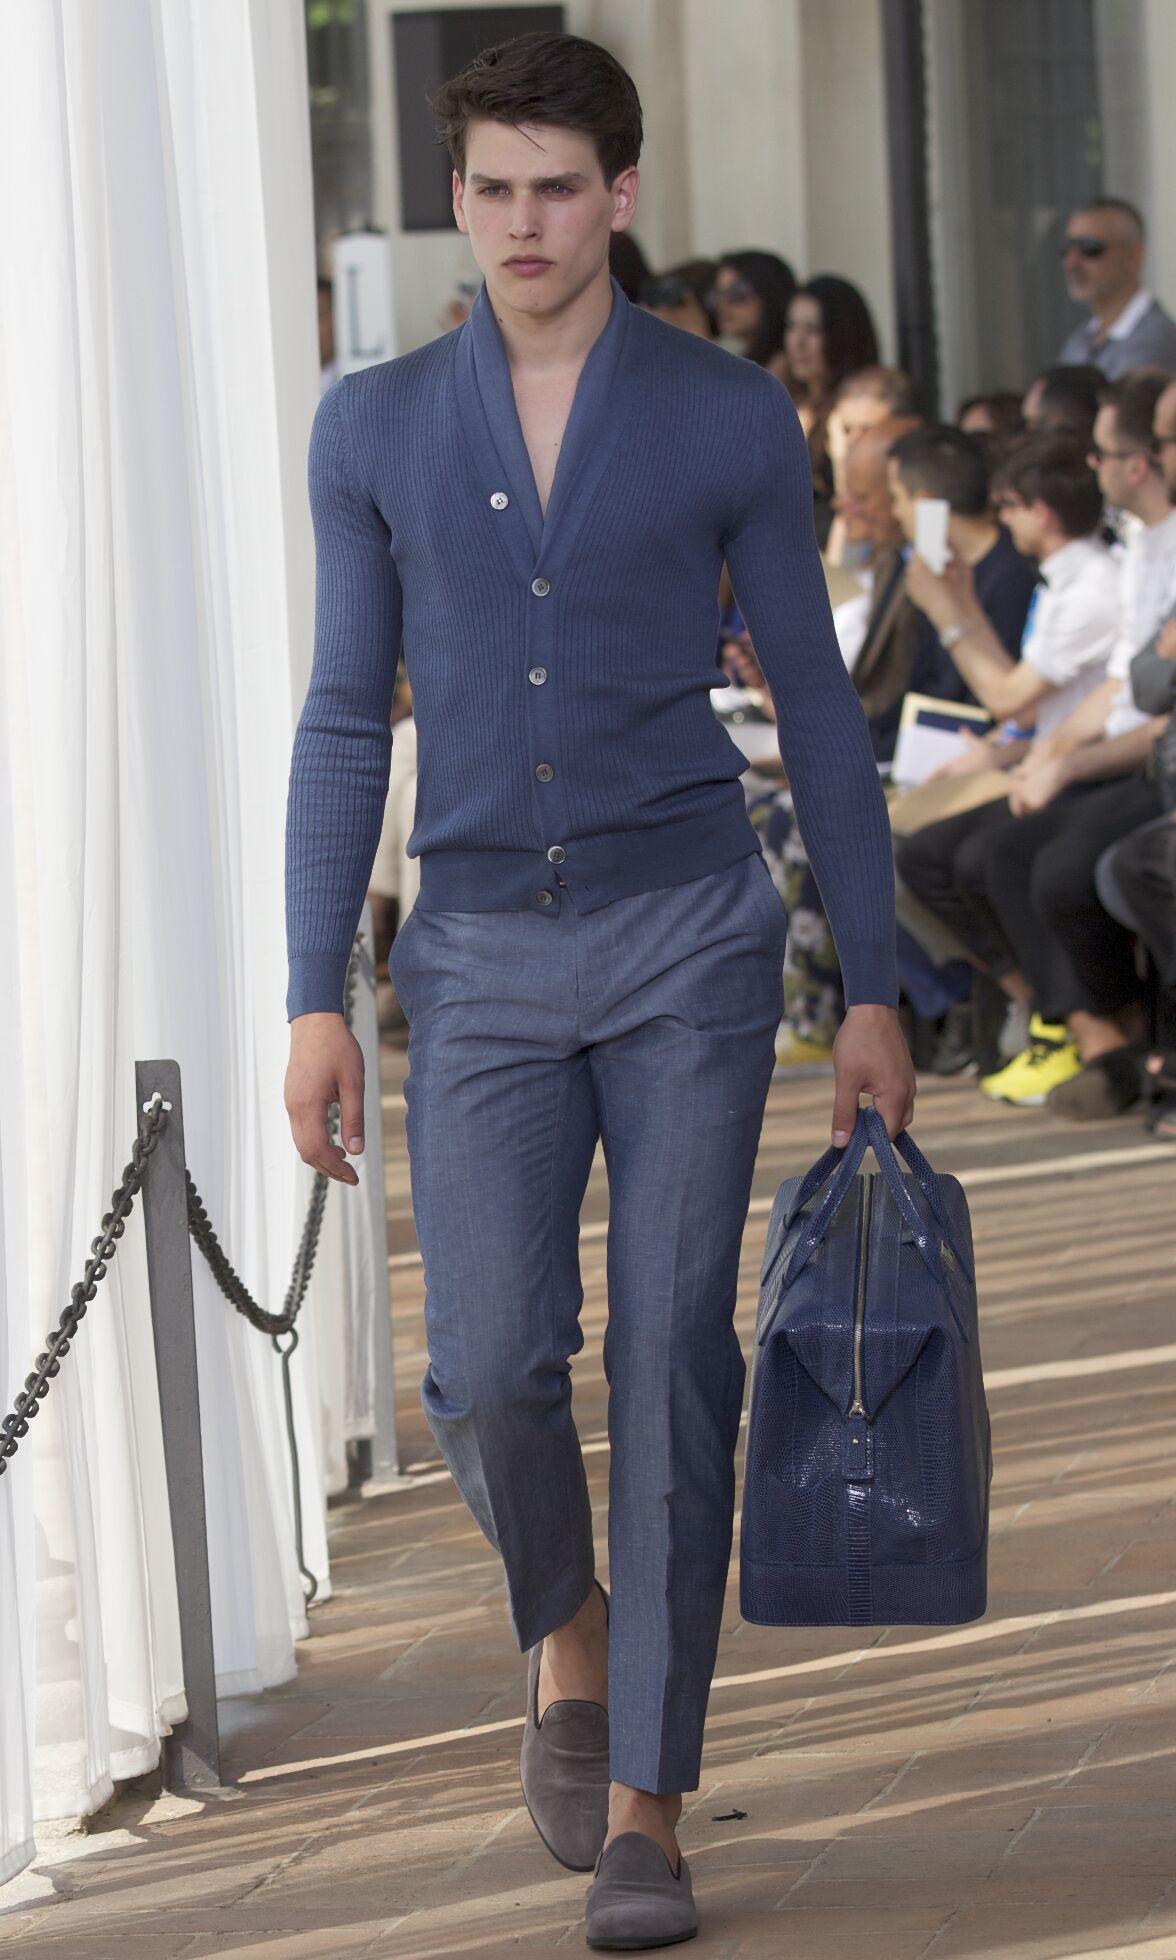 Summer Dress Trends 2014 Man